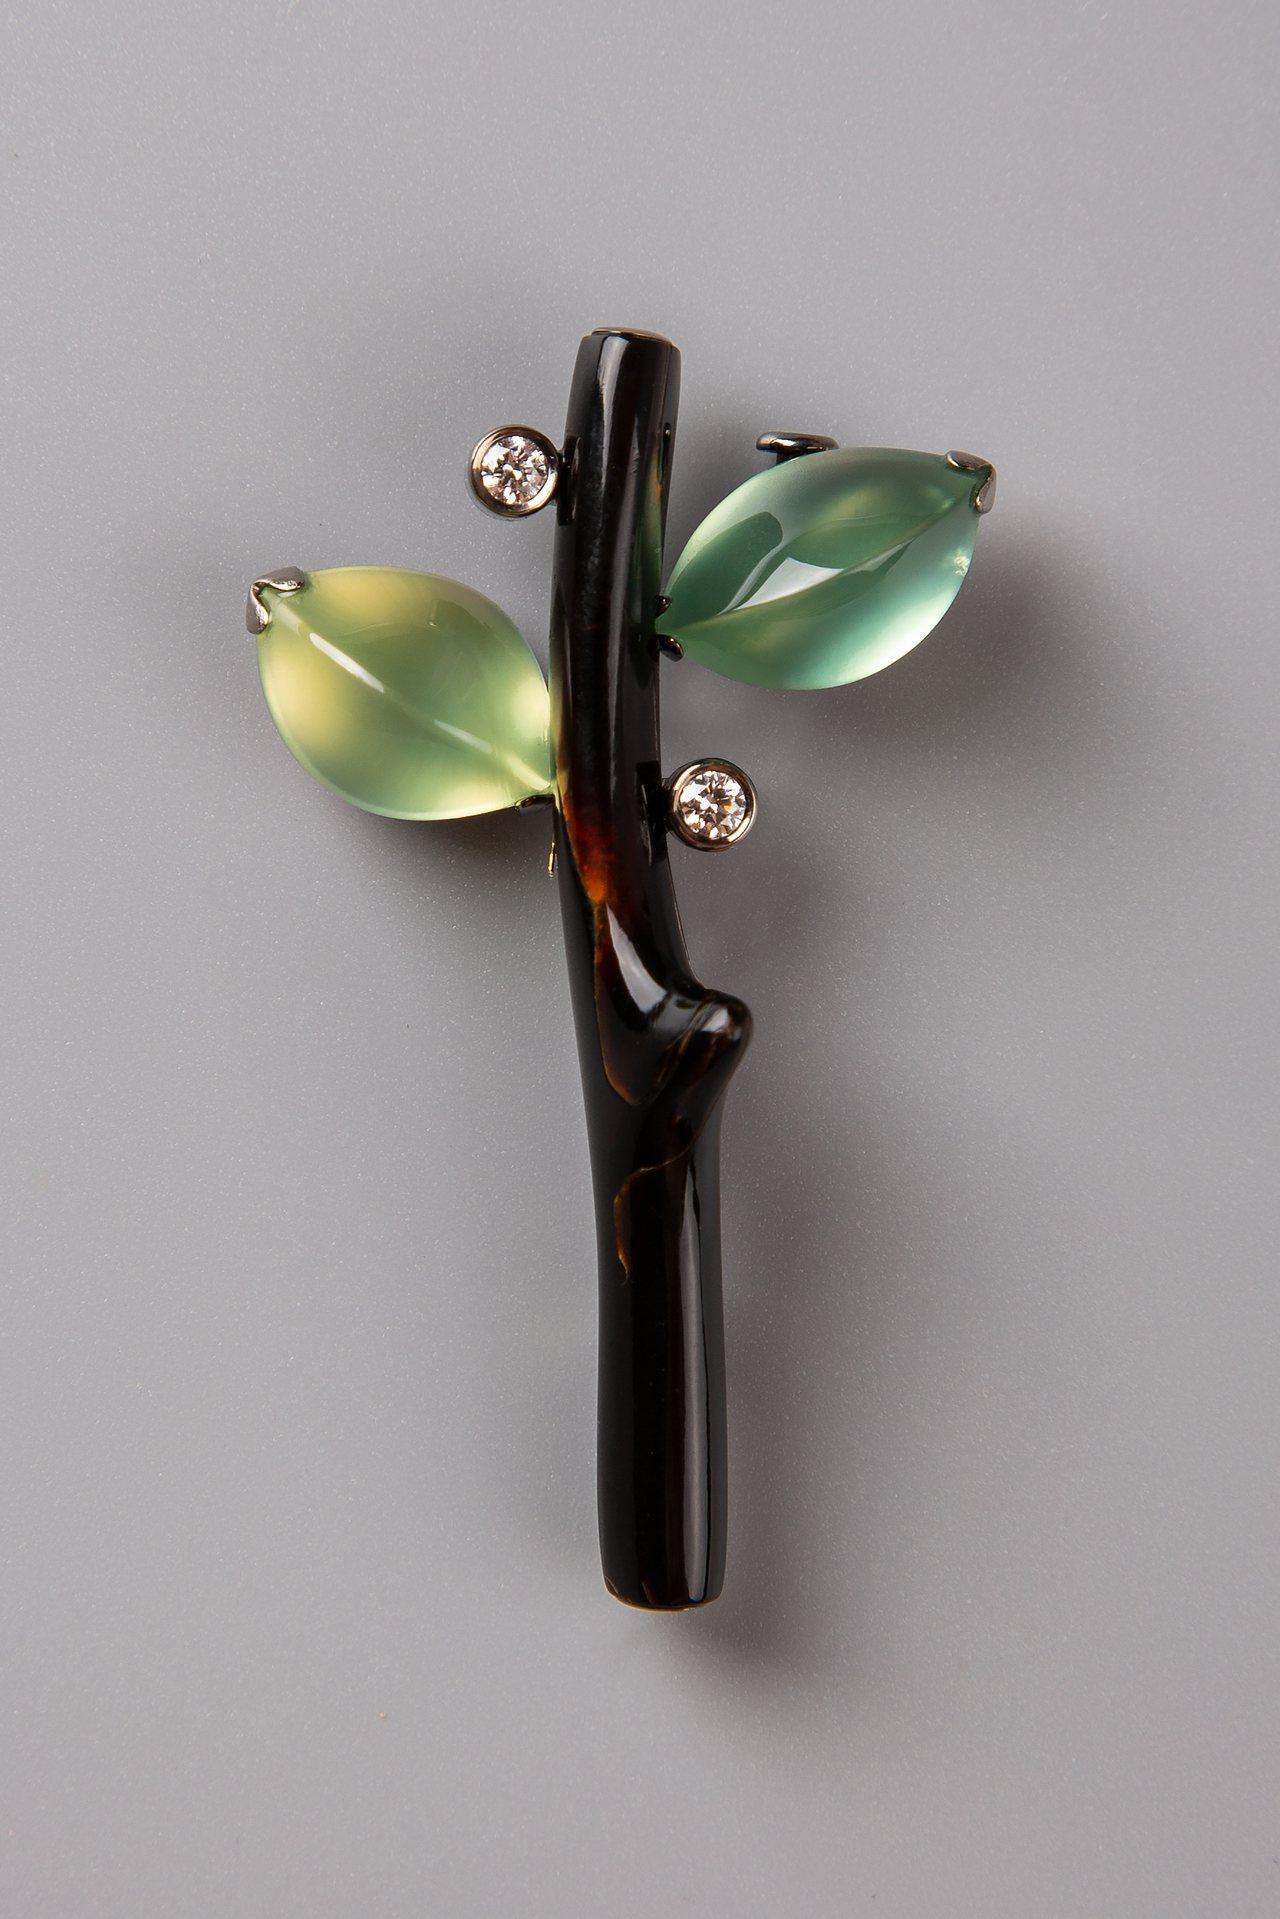 綠葡萄石黑珊瑚枝胸針,約28萬元。圖/龔遵慈提供